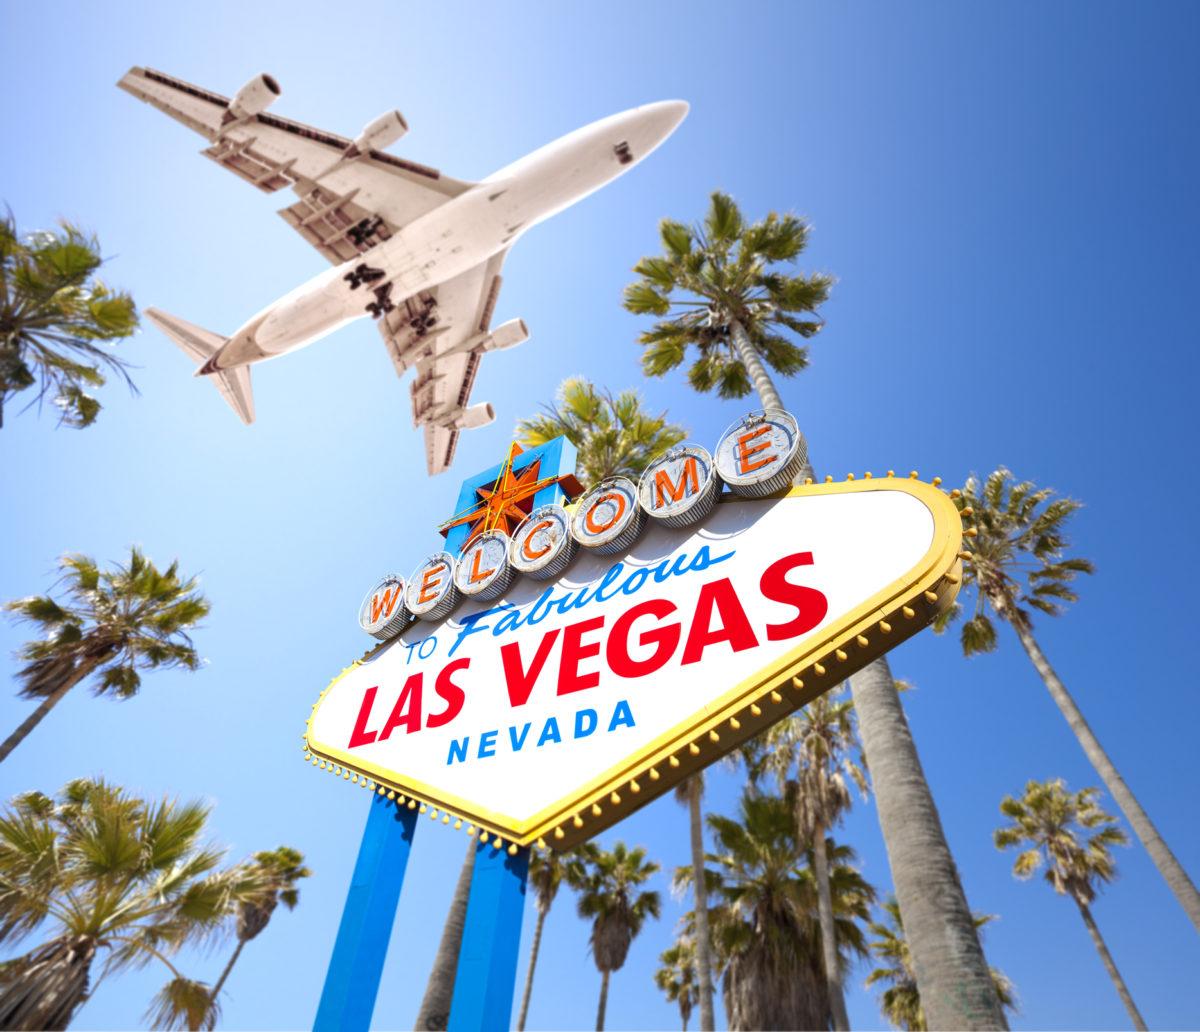 Latam comemora início de operações para Las Vegas